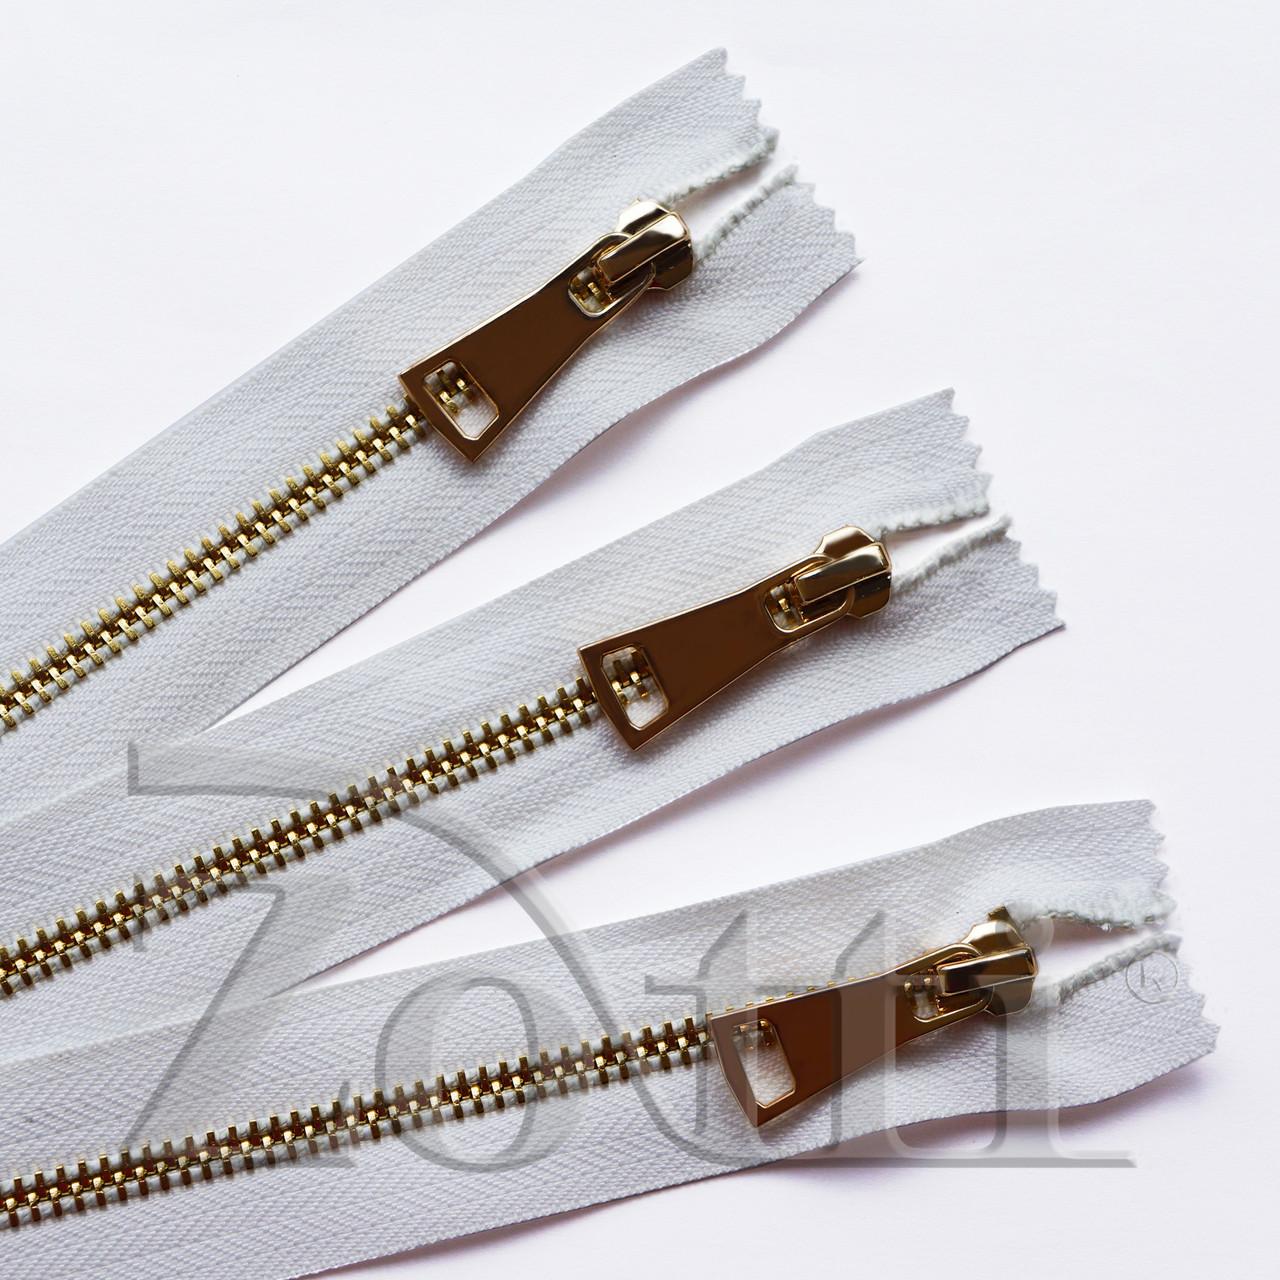 Молния (змейка,застежка) металлическая №5, размерная, обувная, белая, с золотым бегунком № 115 - 20 см